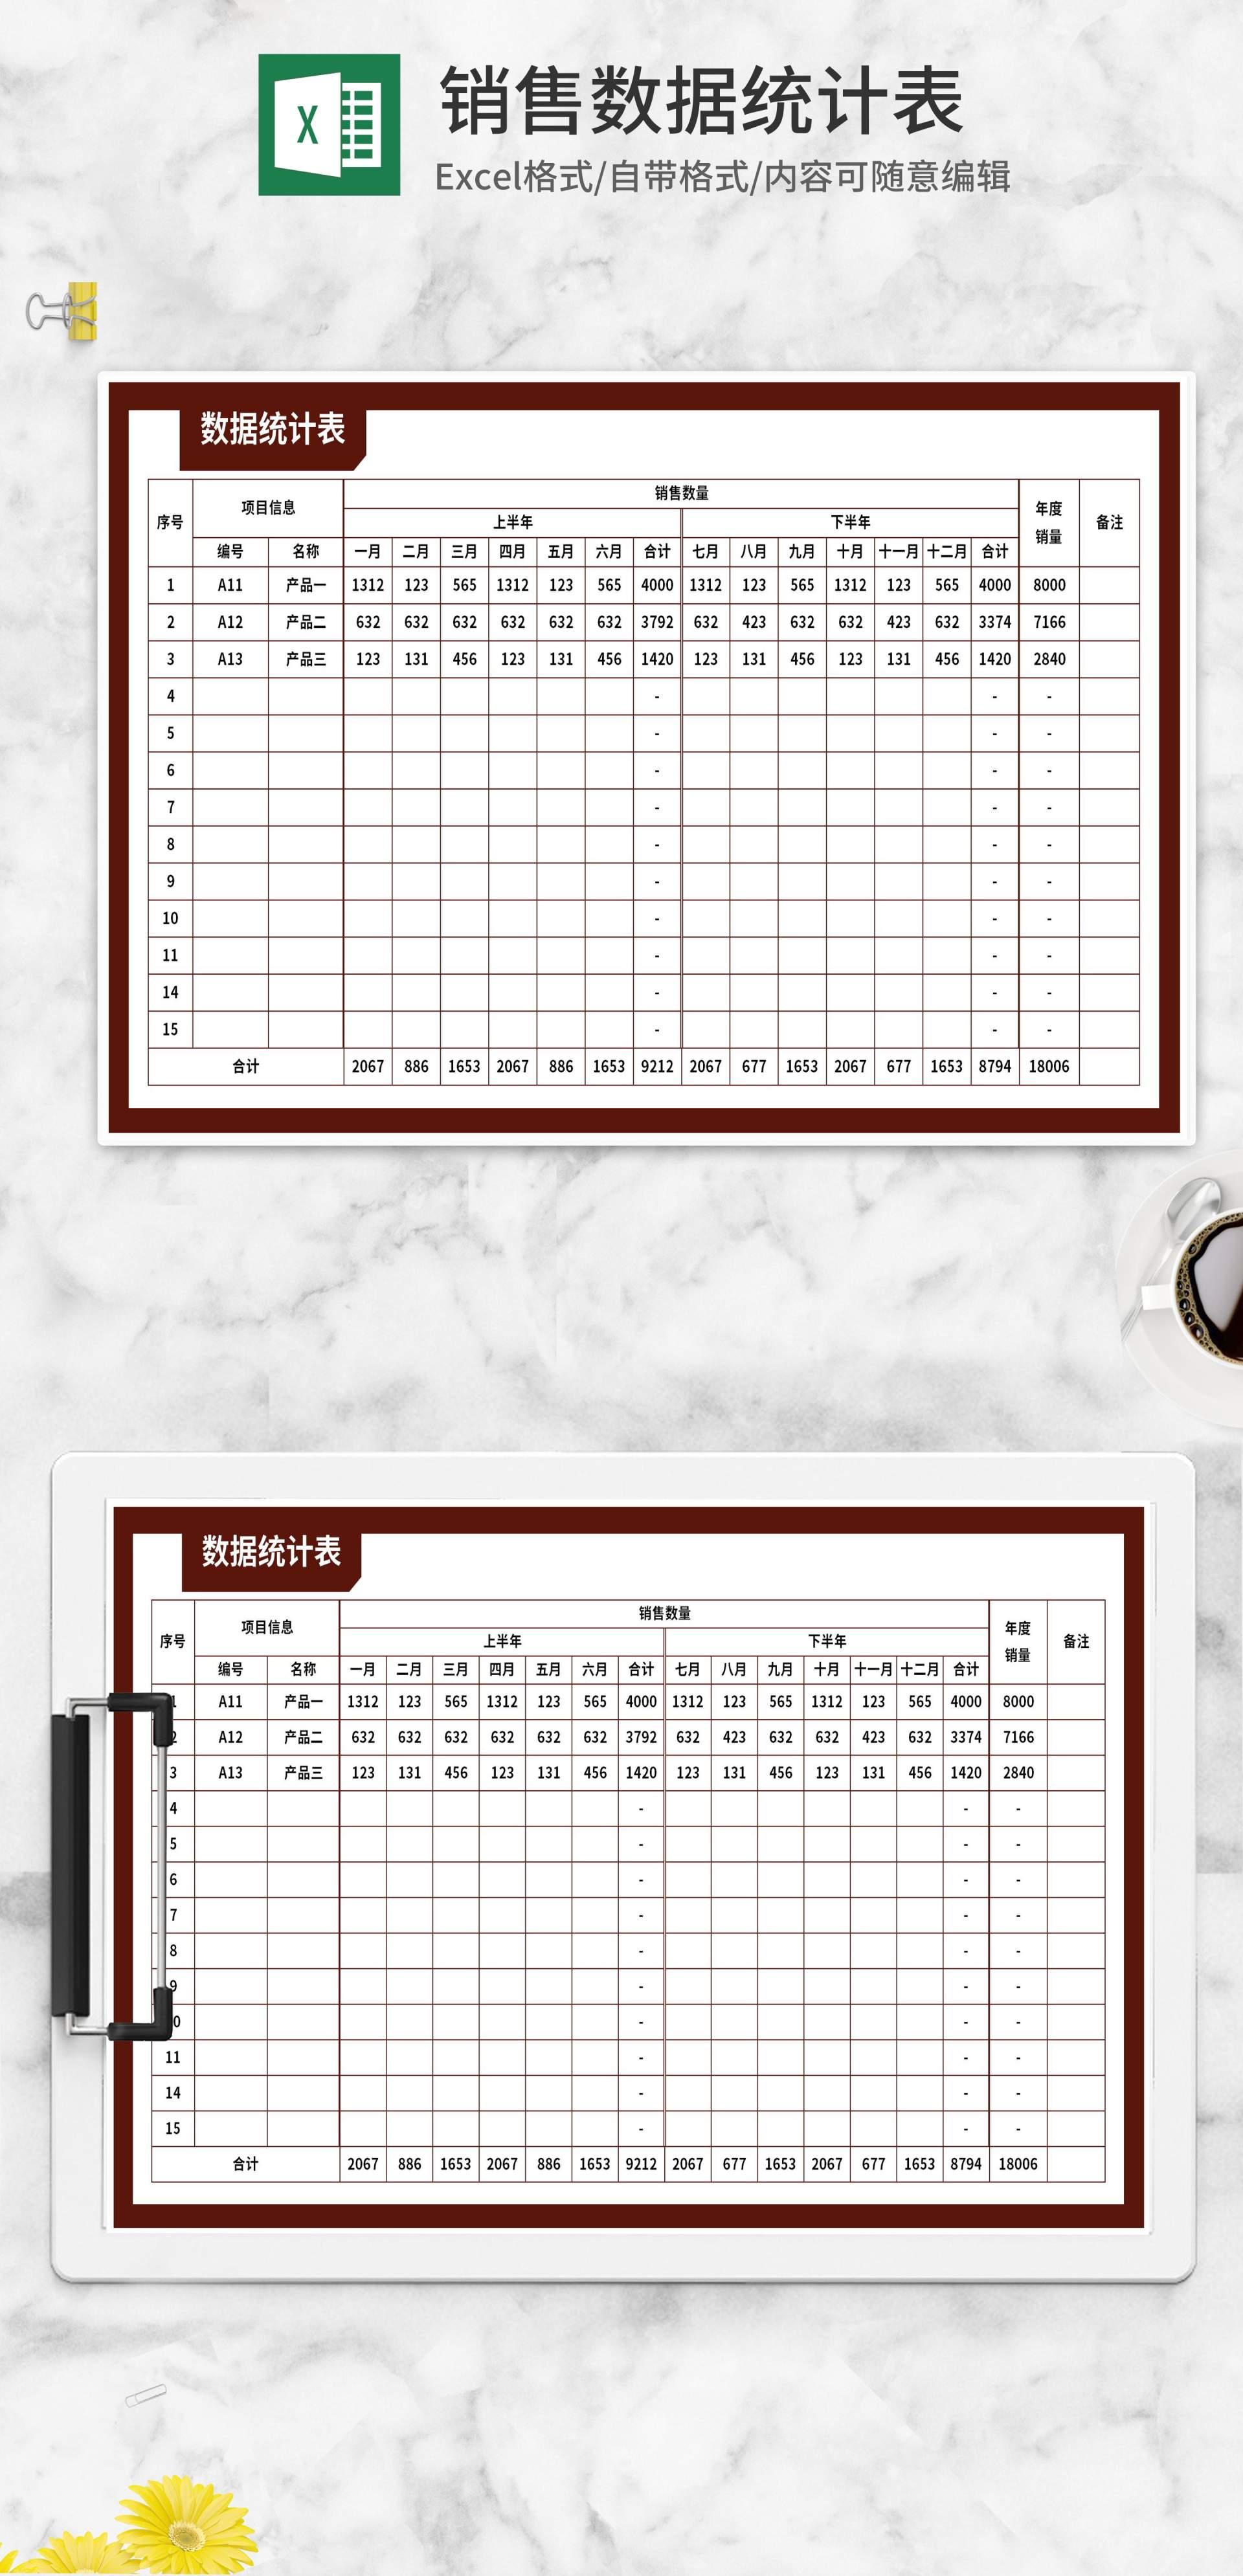 产品销售数据统计表Excel模板